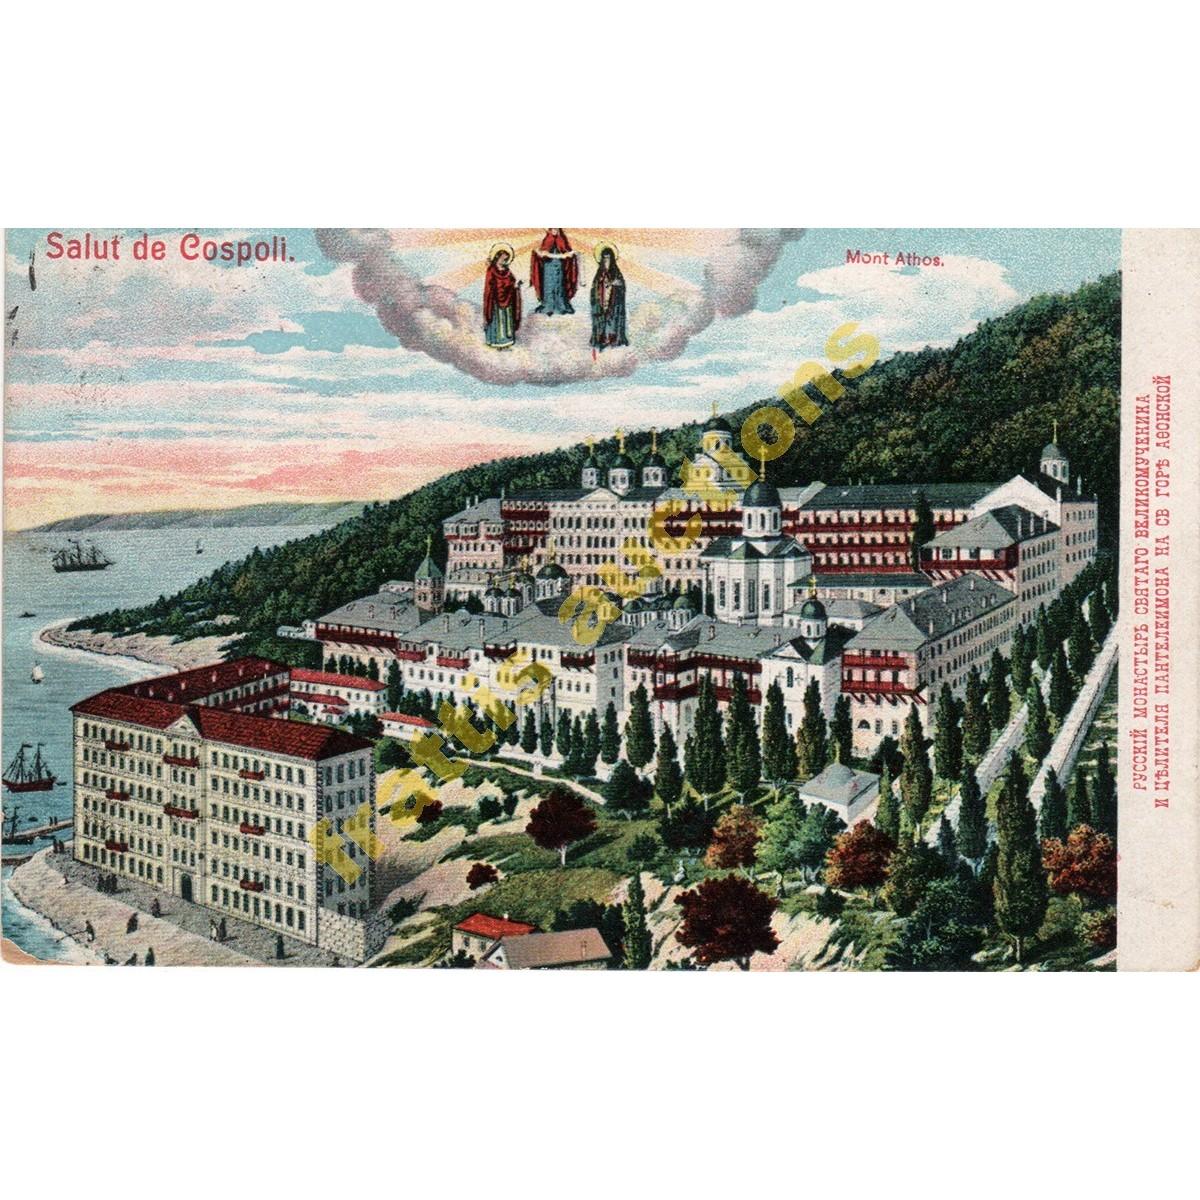 Ι.Μ. ΑΓΙΟΥ ΠΑΝΤΕΛΕΗΜOΝΟΣ, Salut de Cospoli, Mont Athos, ταχυδρομημένη